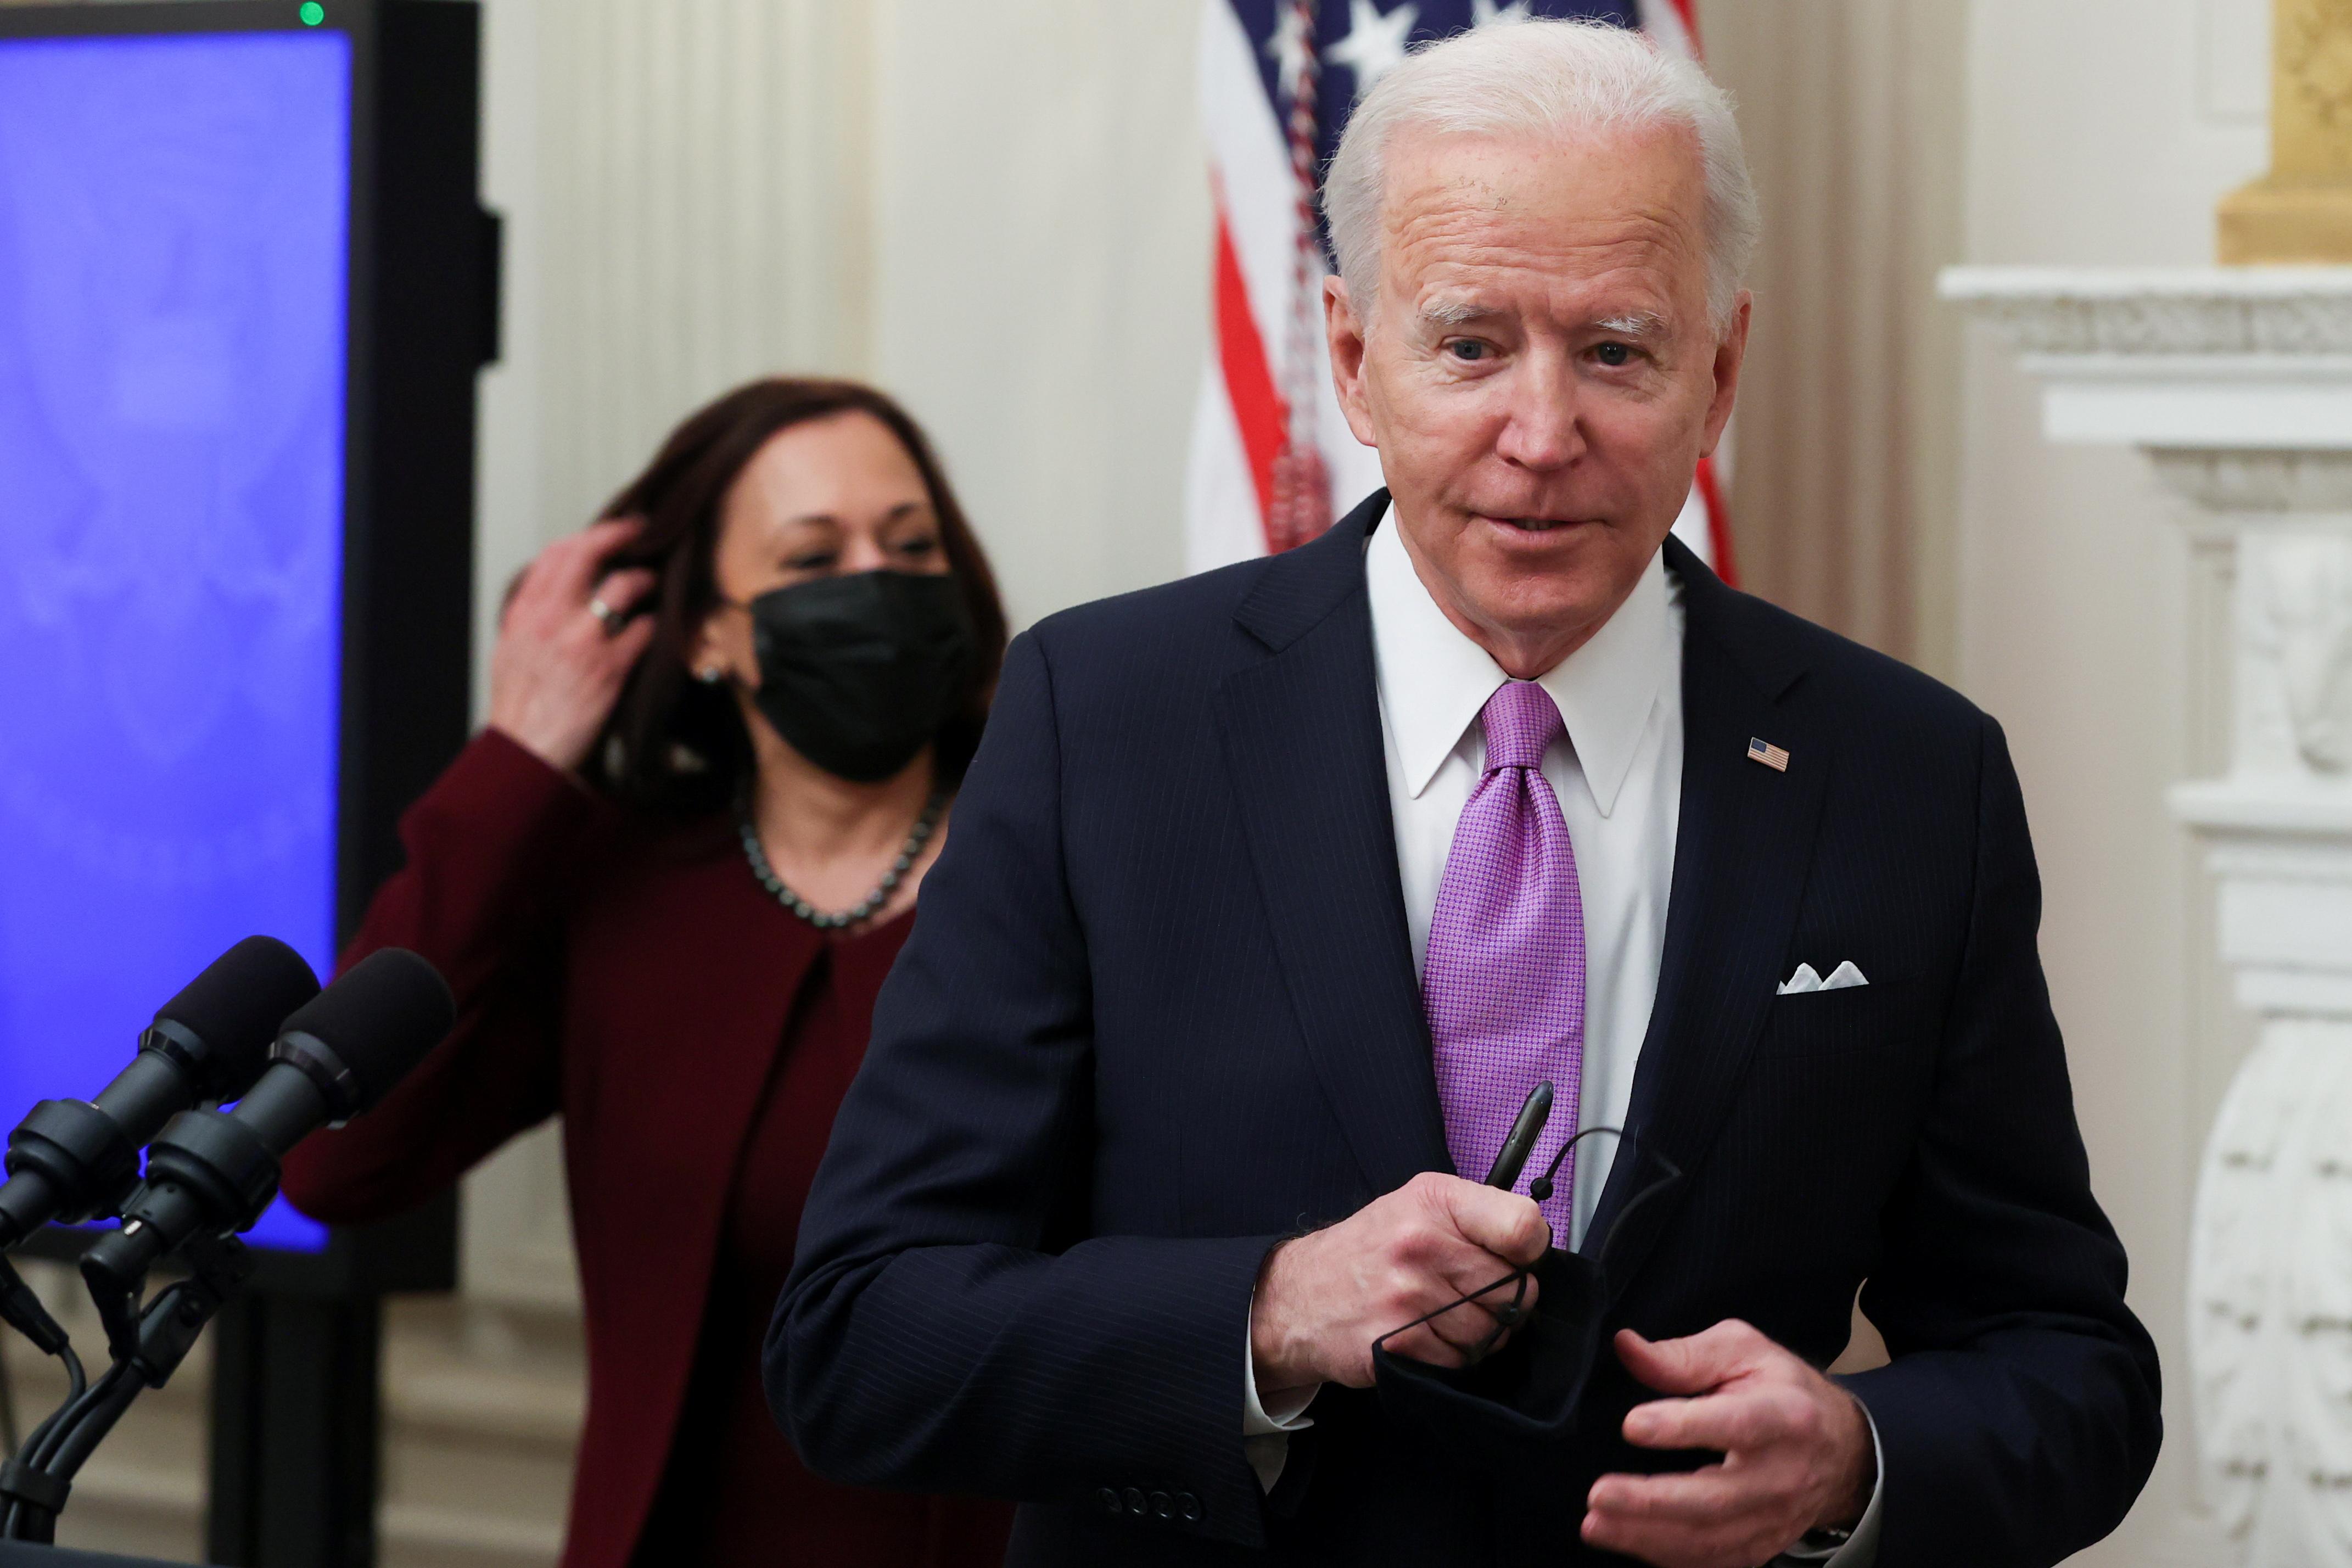 بايدن كان قد ألمح إلى احتمال عودة واشنطن للاتفاق النووي